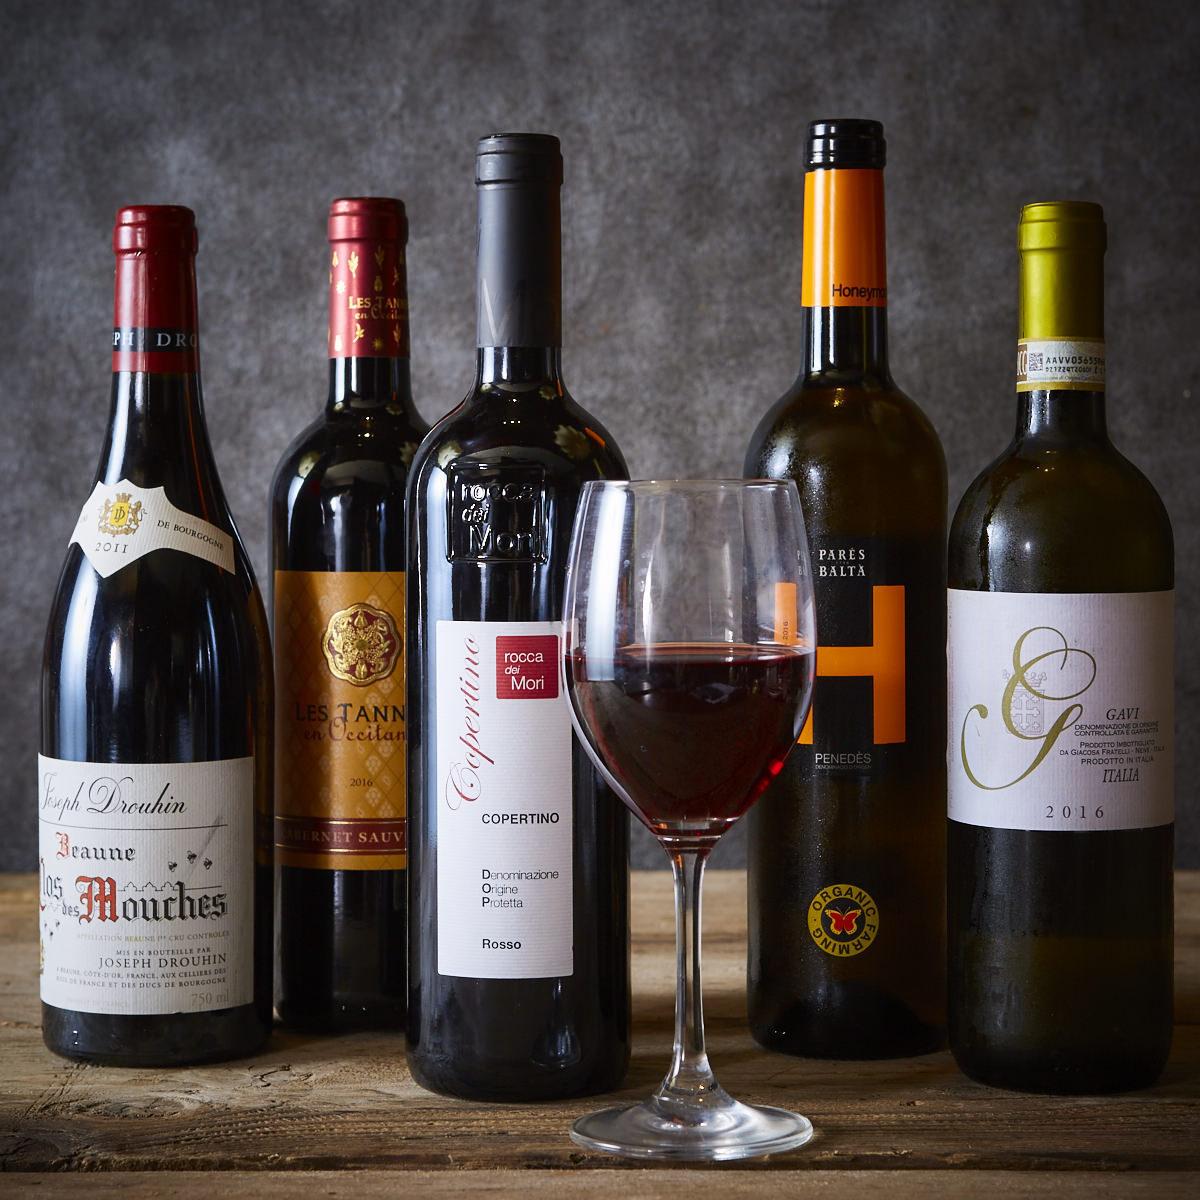 요리에 맞는 와인 다수 준비!